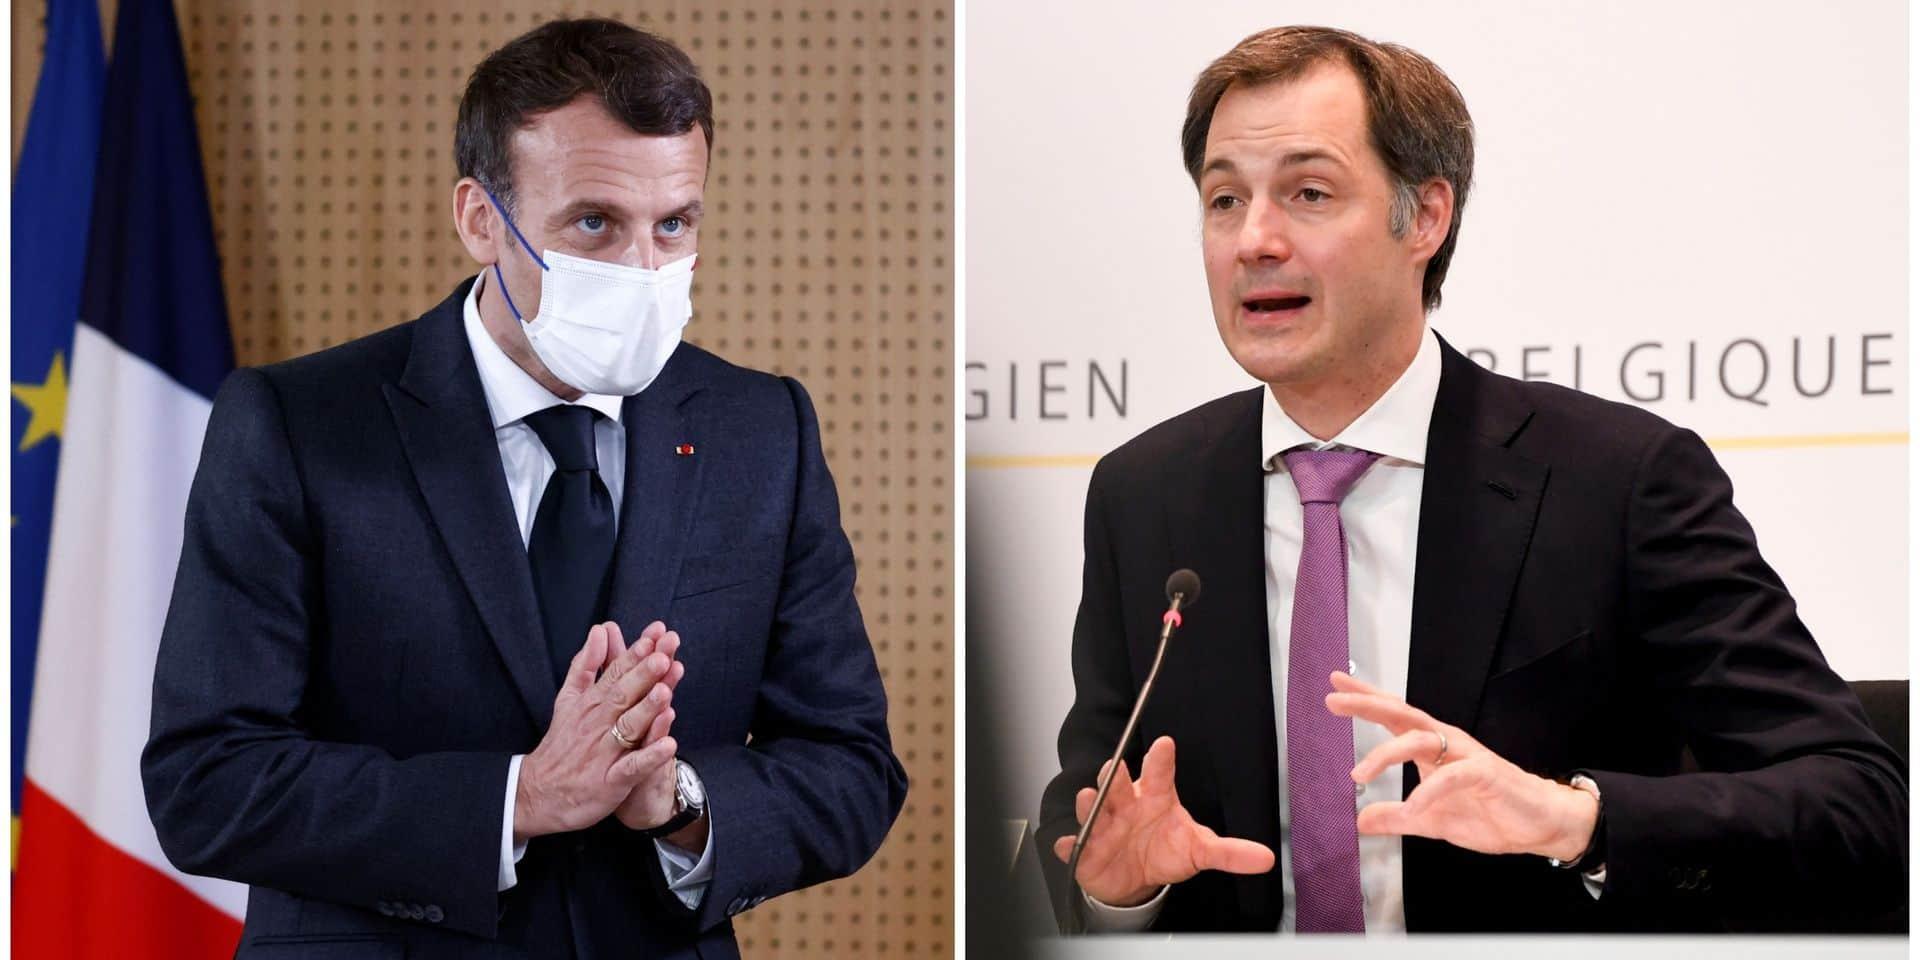 En France, un déconfinement plus prudent encore qu'en Belgique, à raison ? Laissons parler les chiffres